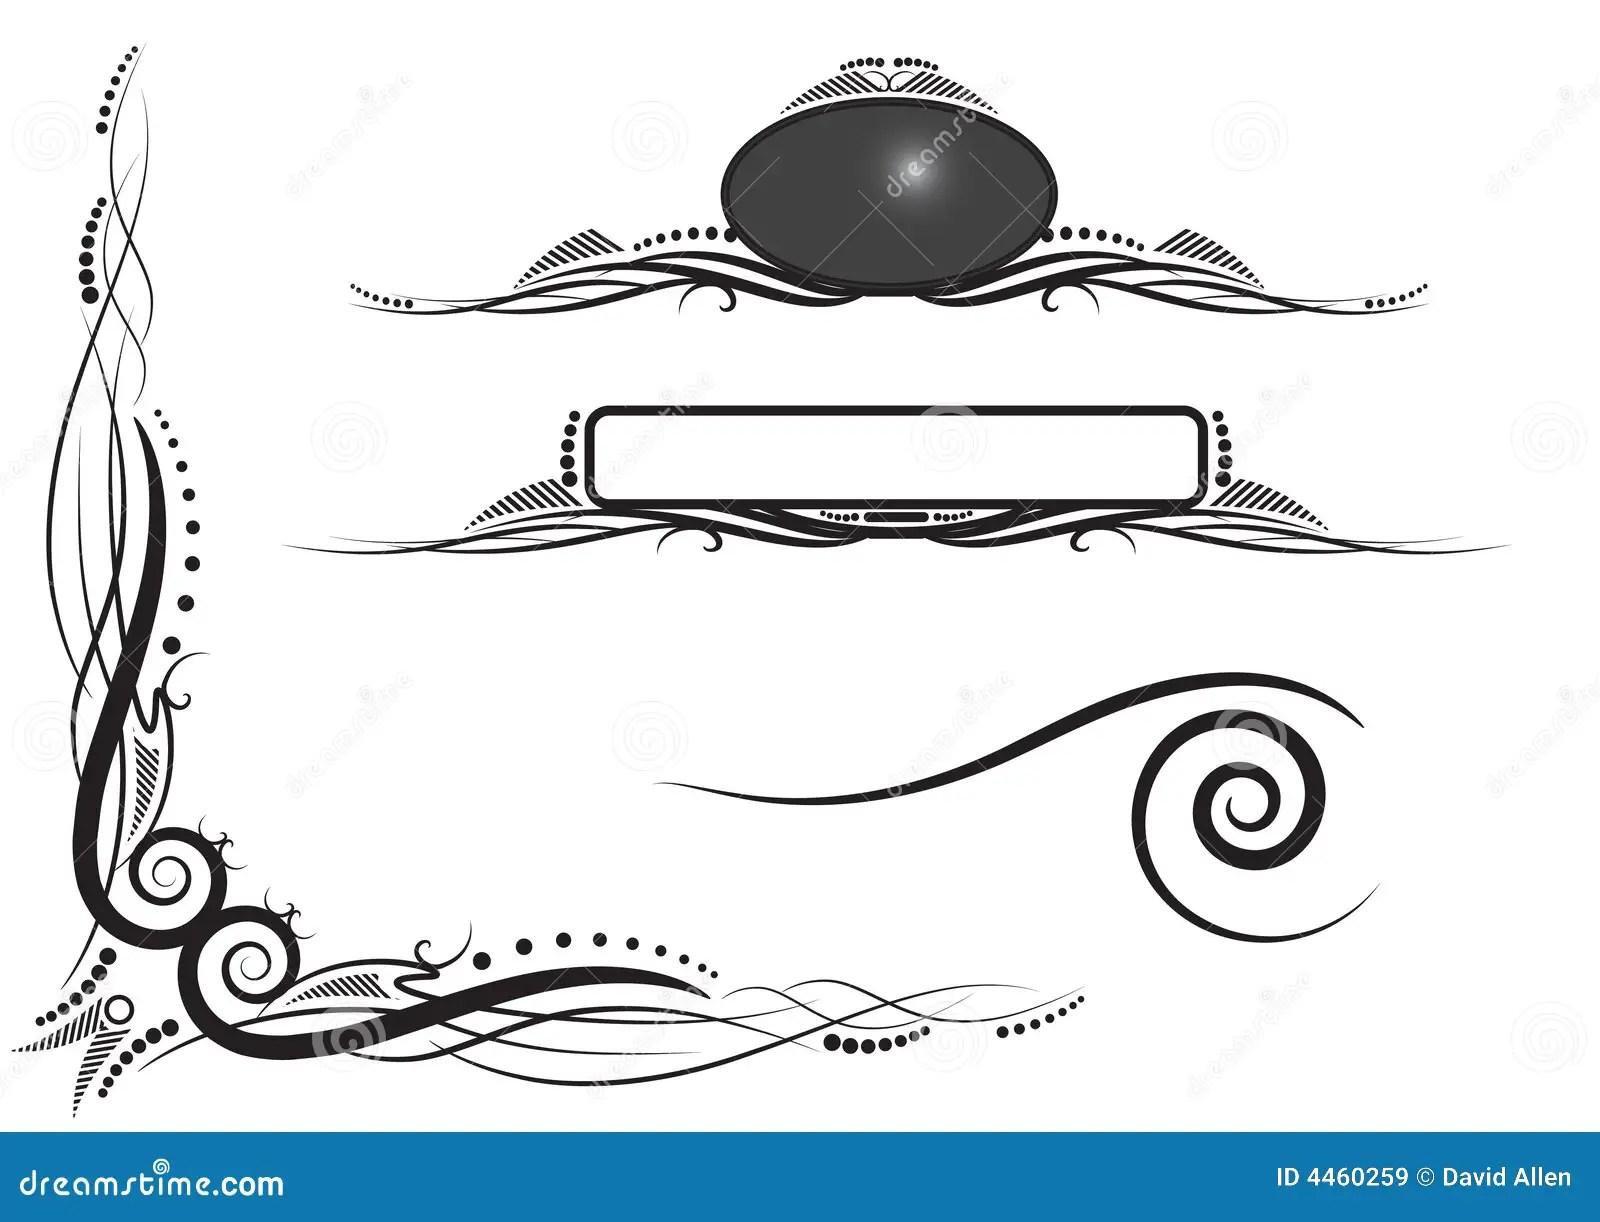 Eckrollen Und Panels Mit Twiddles Stock Abbildung